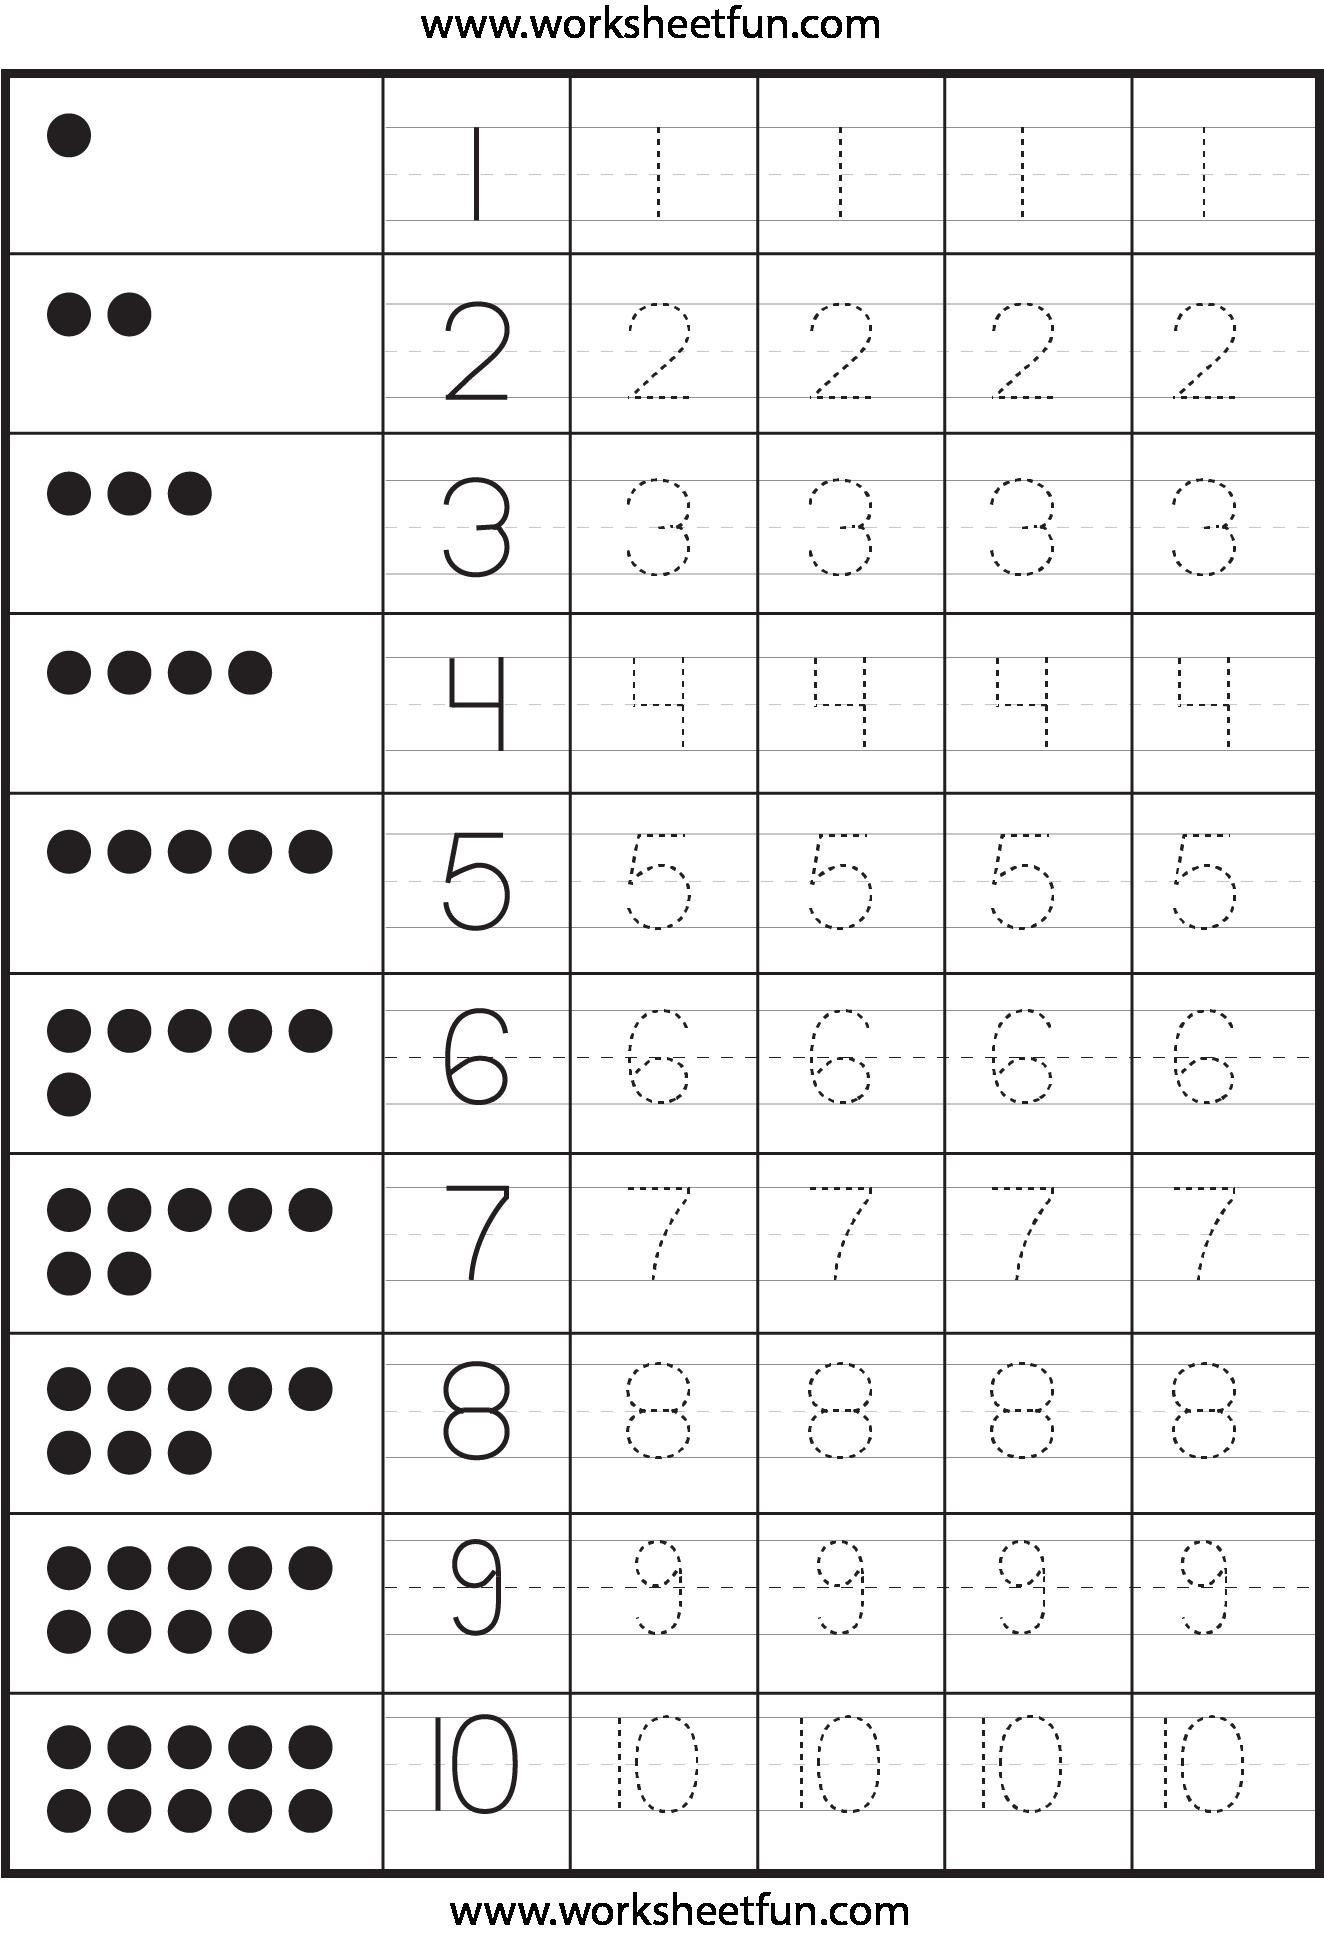 Preschool numbers clipart number 1 with dot jpg Preschool numbers clipart number 1 with dot - ClipartFox jpg